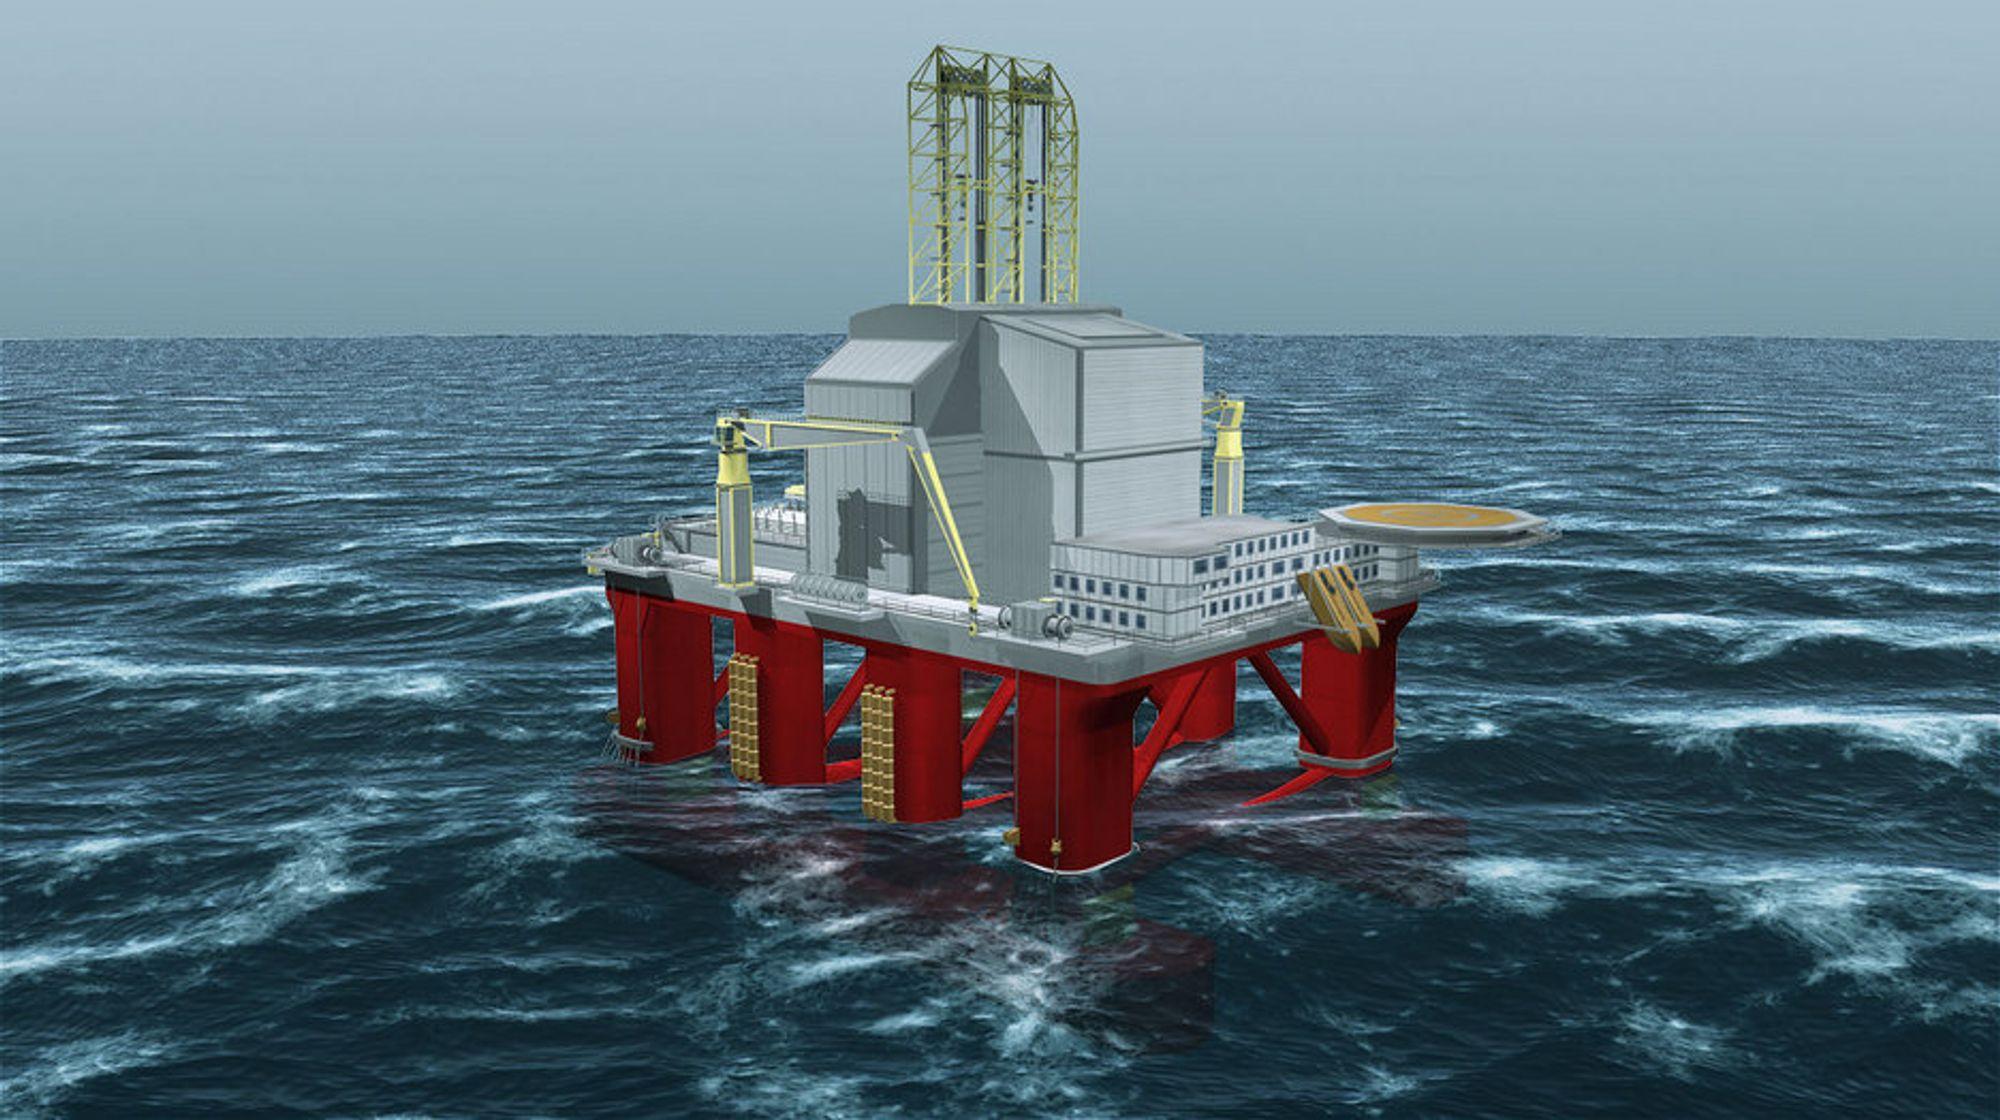 Halvt nedsenkbare borerigger har i liten grad vært bygget i Norge de siste 20 årene. Ifølge Aker Kværner går selskapet sammen med norsk petroleumsindustri inn i en ny epoke med denne nye kontrakten.